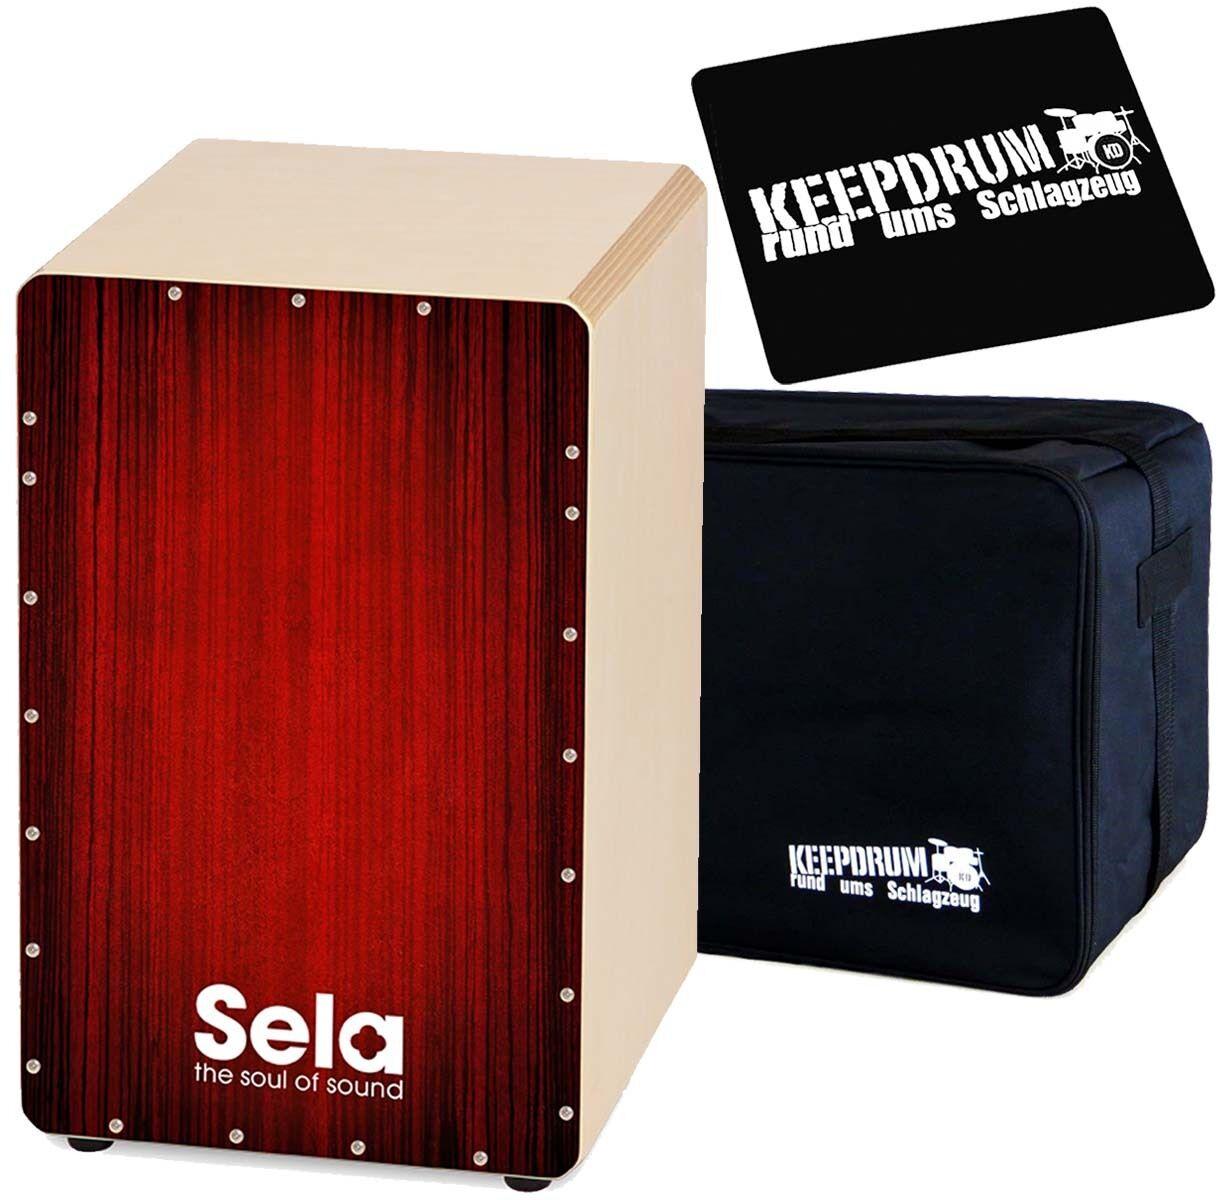 Sela SE050 Varios rot Cajon Keepdrum Bag Seat Pad